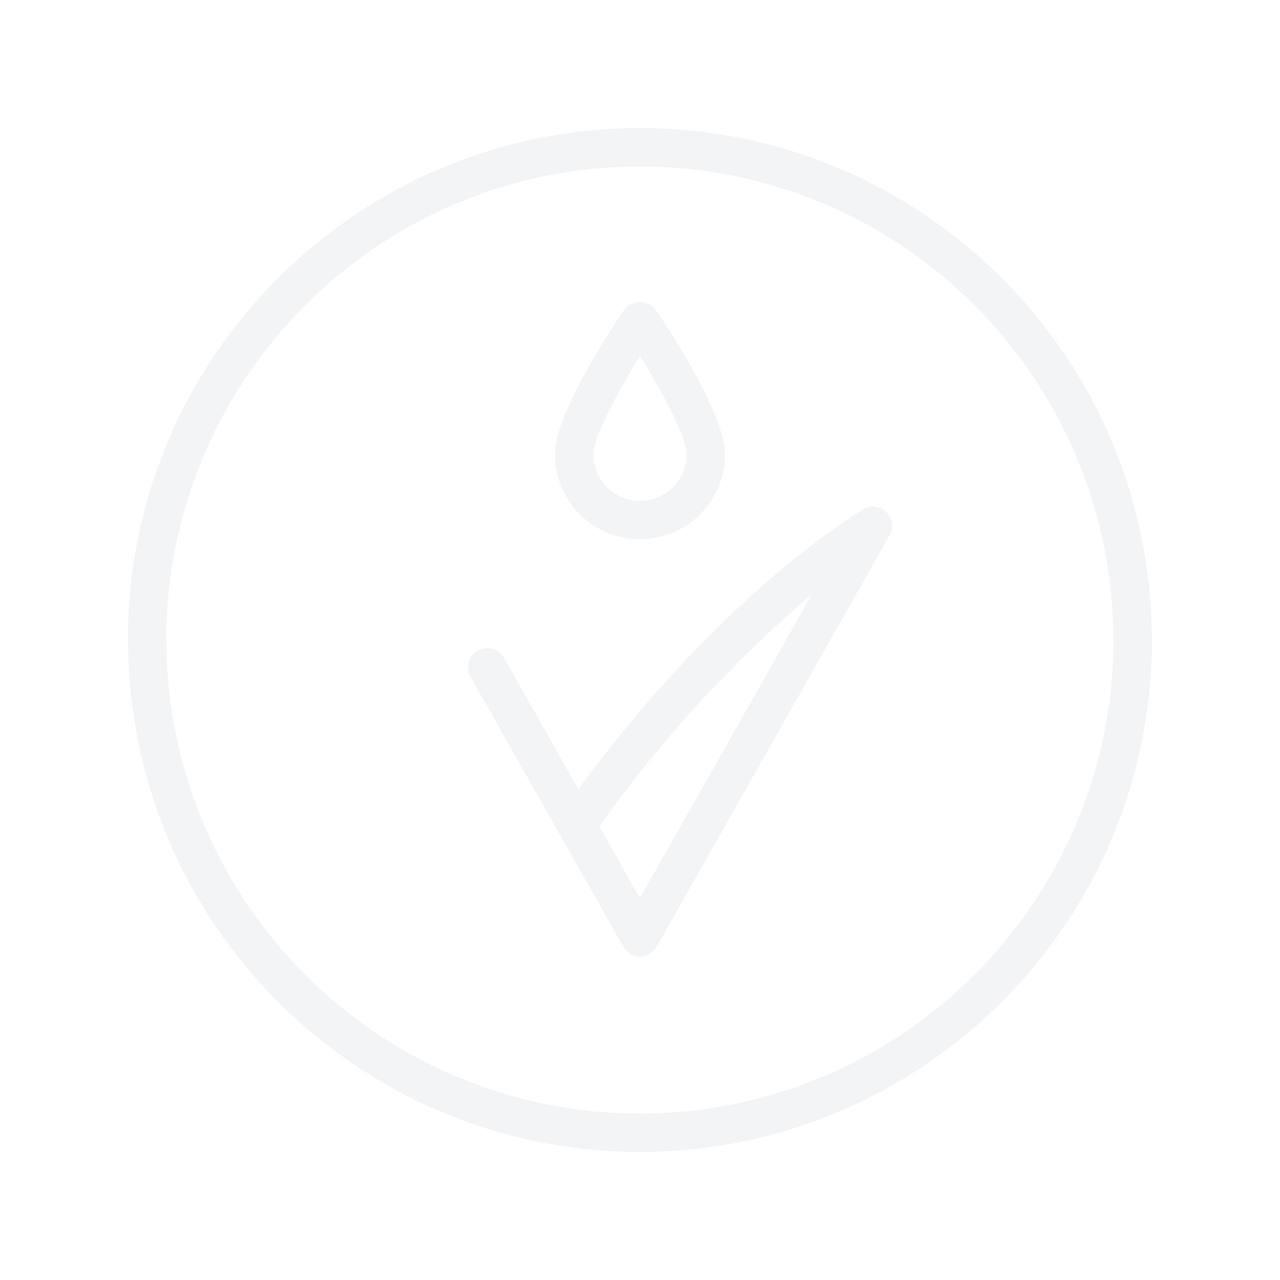 Bourjois Silk Edition Compact Powder 9g